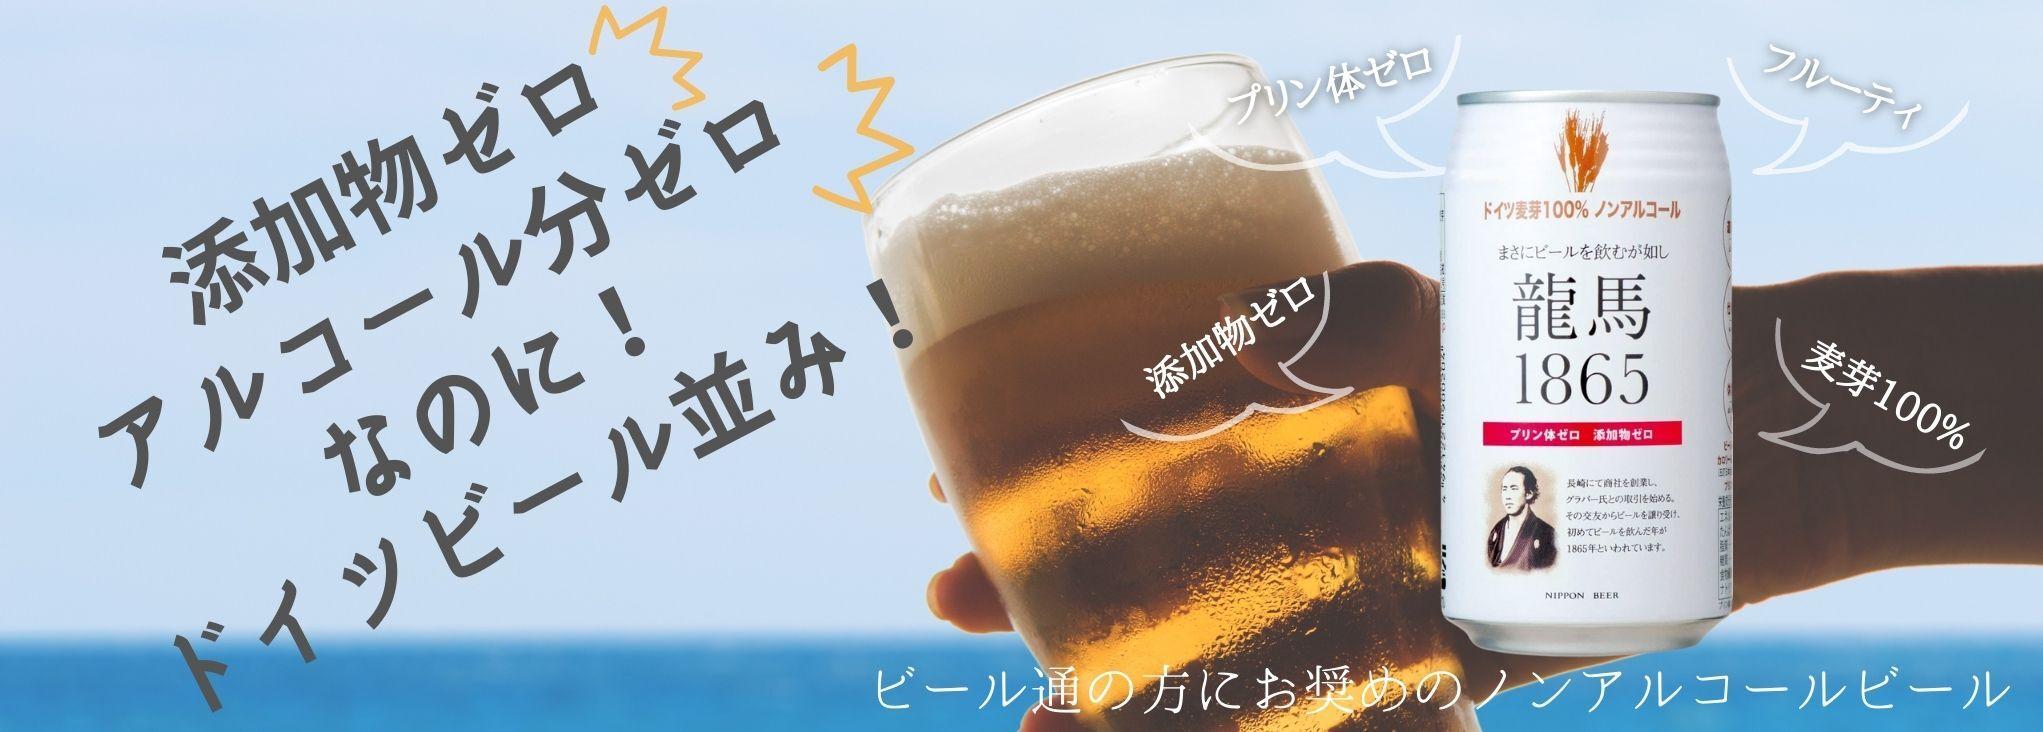 のんあるビール